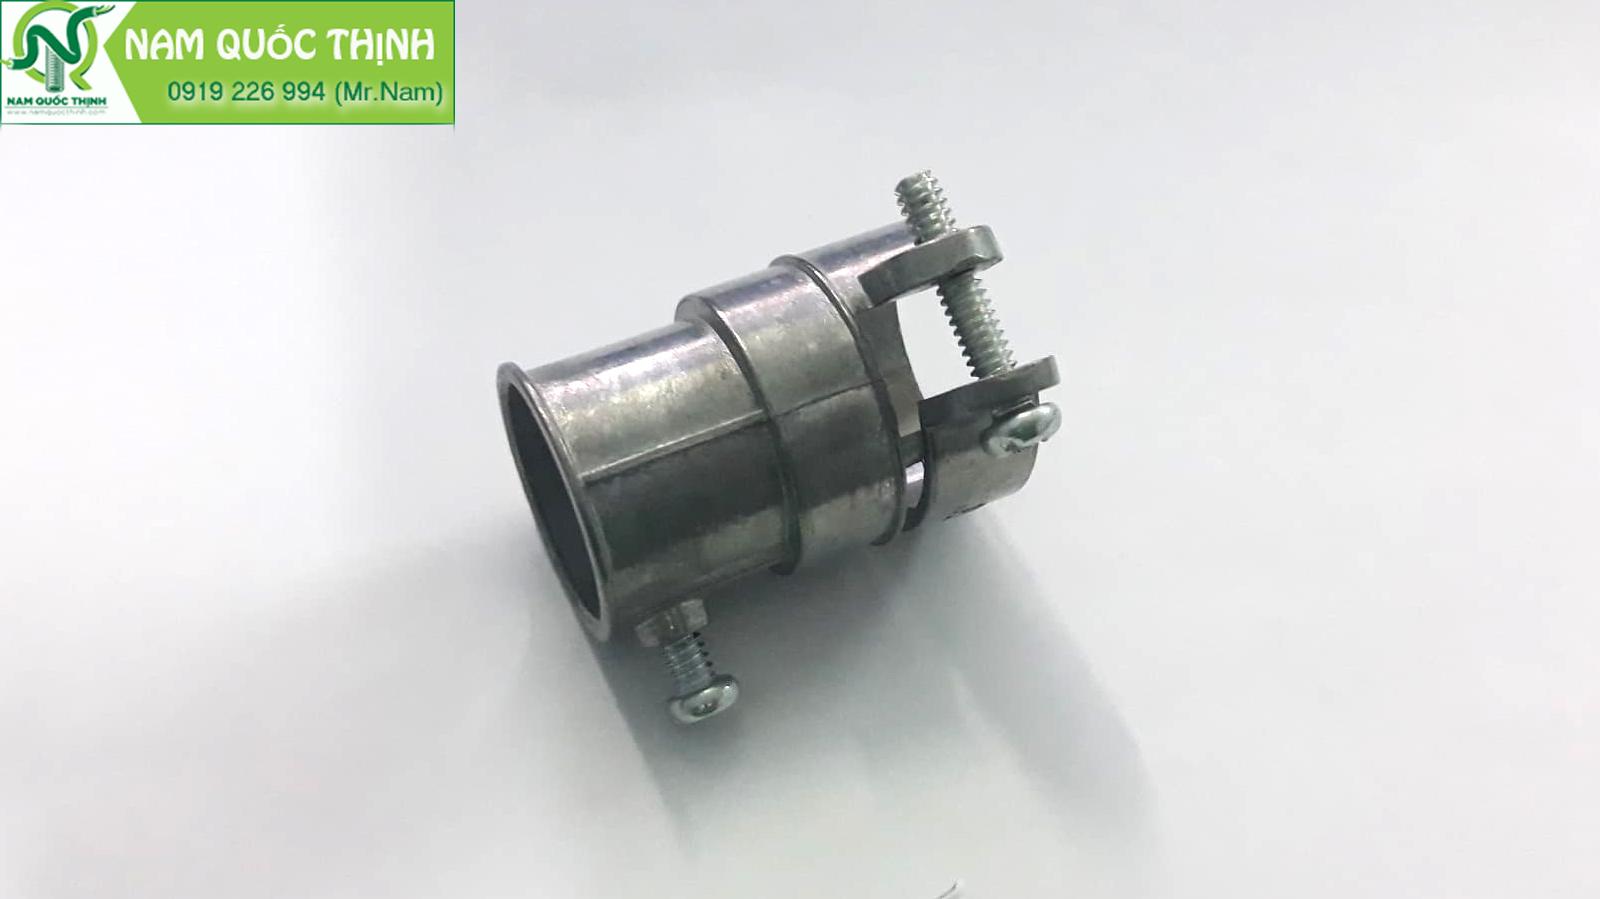 Đầu nối ruột gà thép với ống thép luồn dây điện trơn emt